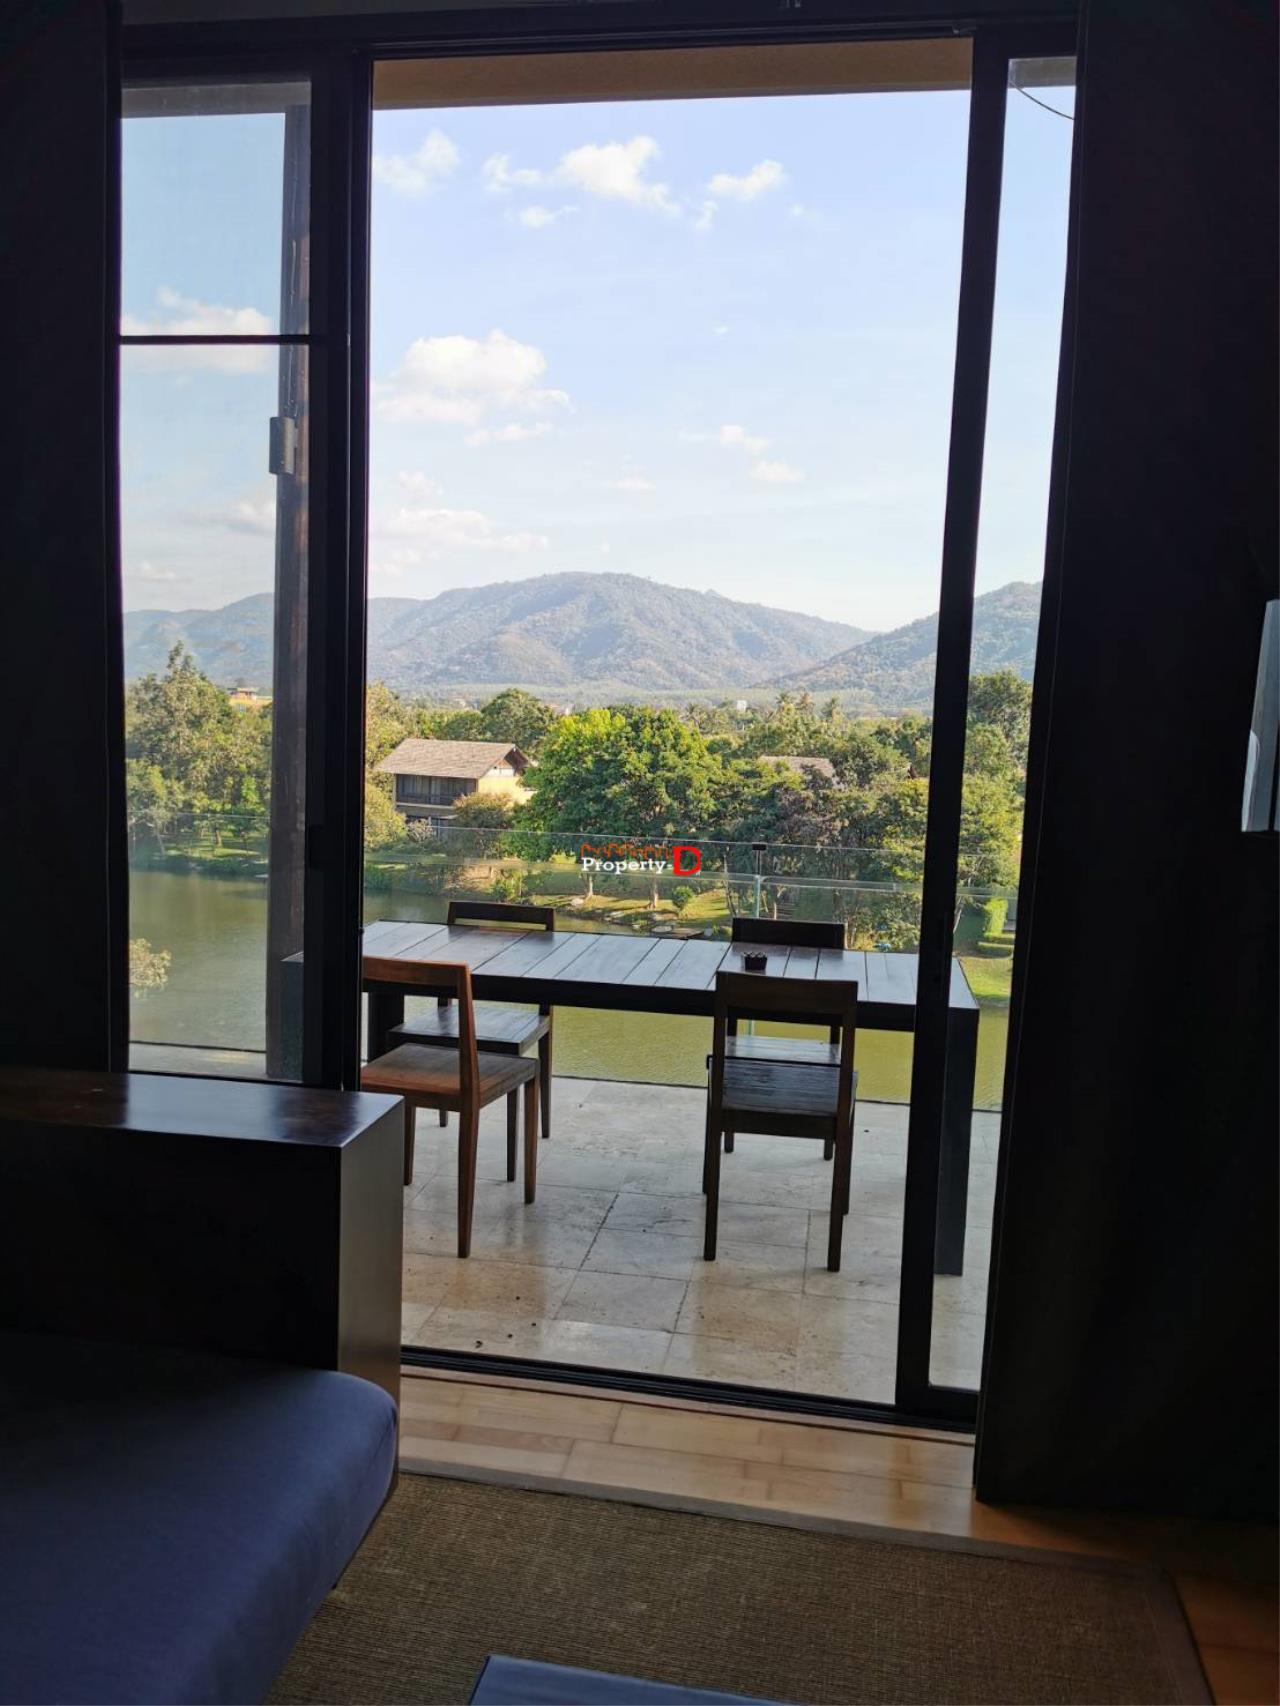 ขาย คีรีมายา อัตตา เดอะคอนโด ห้องพื้นที่102.50 ตร.ม ชั้น4 ริมทะเลสาบที่สวยที่สุดในเขาใหญ่